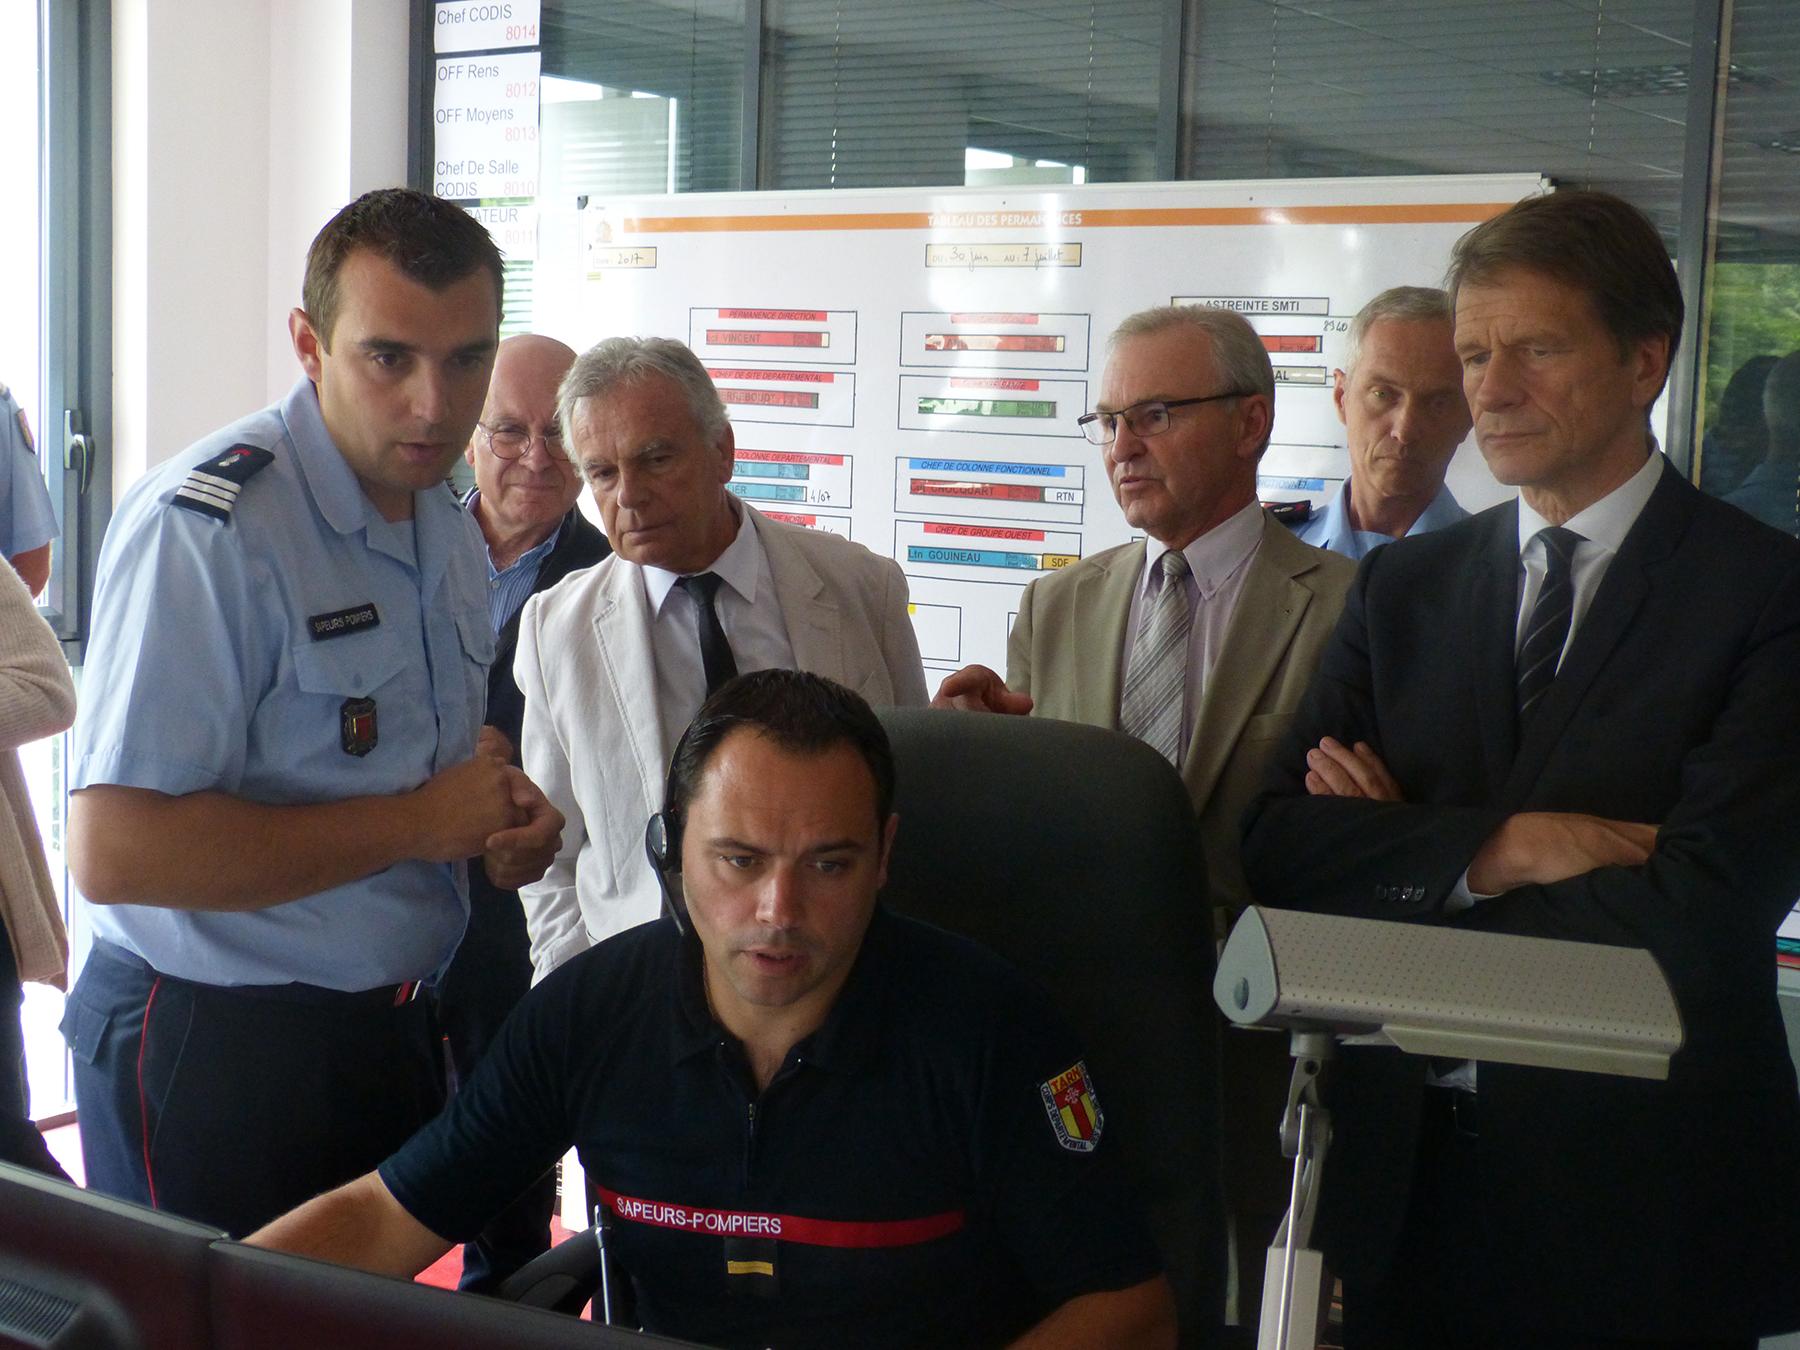 Les sapeurs-pompiers du Tarn présentent la PFLAU au préfet